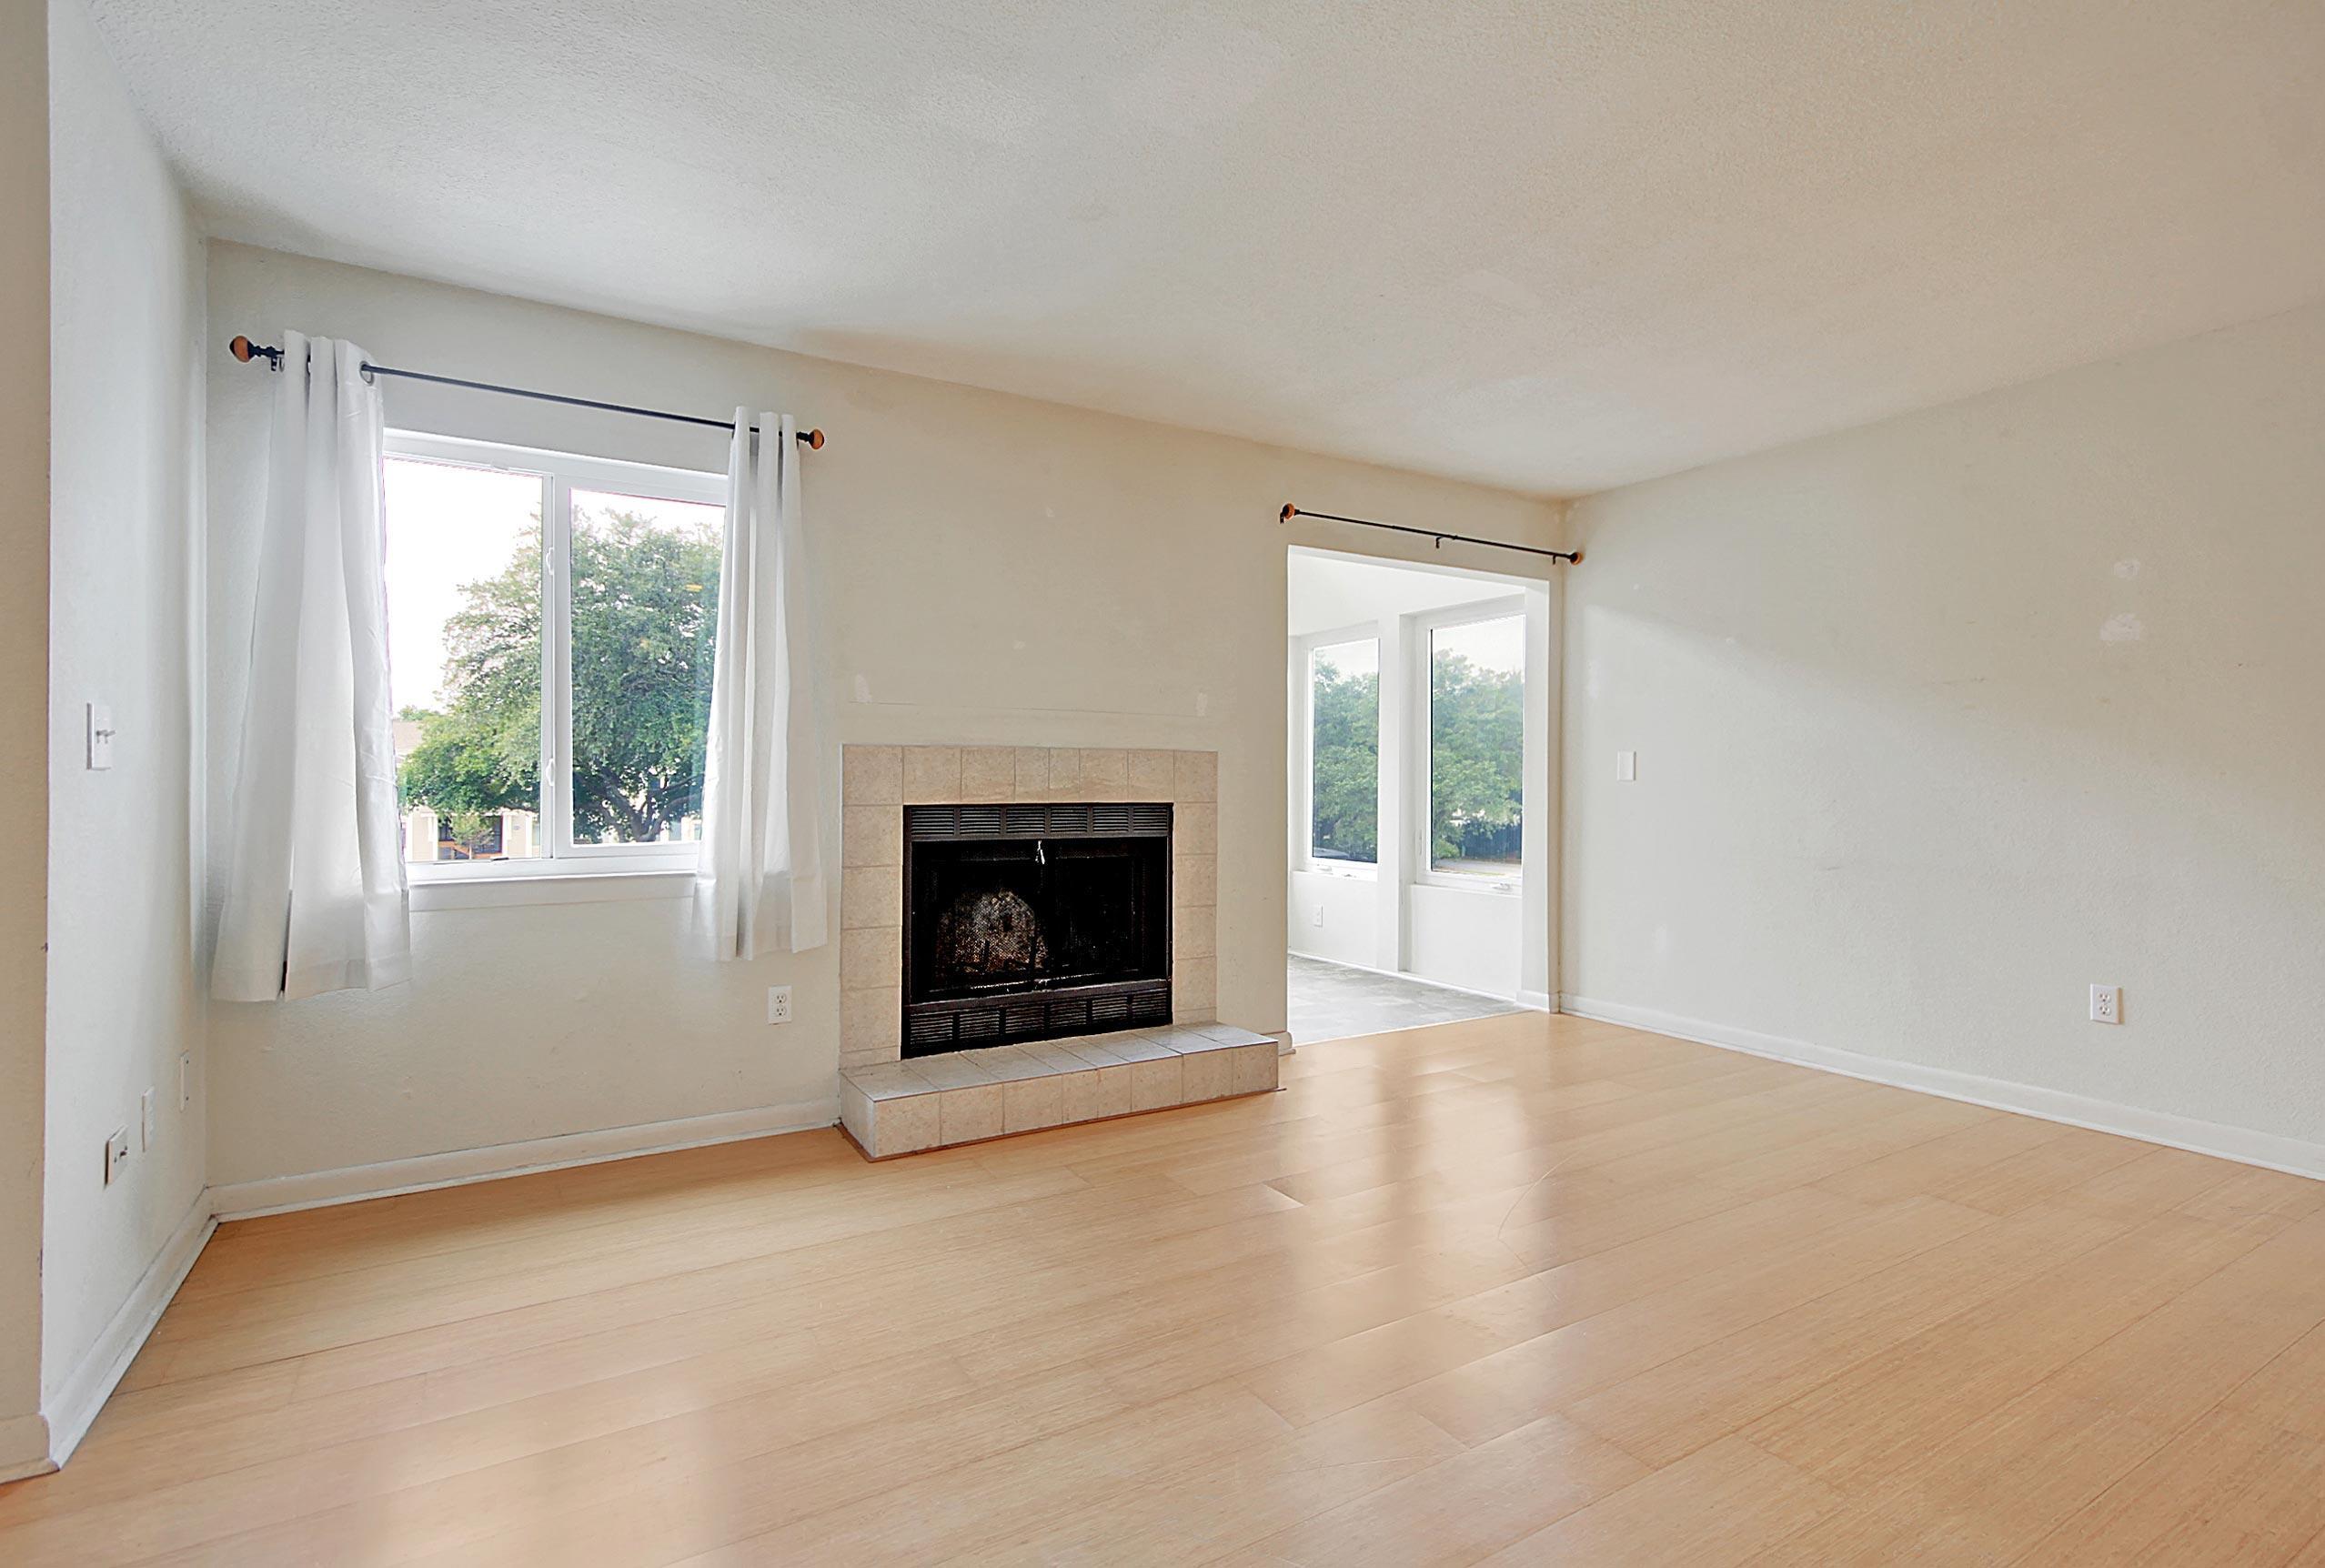 East Bridge Town Lofts Homes For Sale - 273 Alexandra, Mount Pleasant, SC - 7